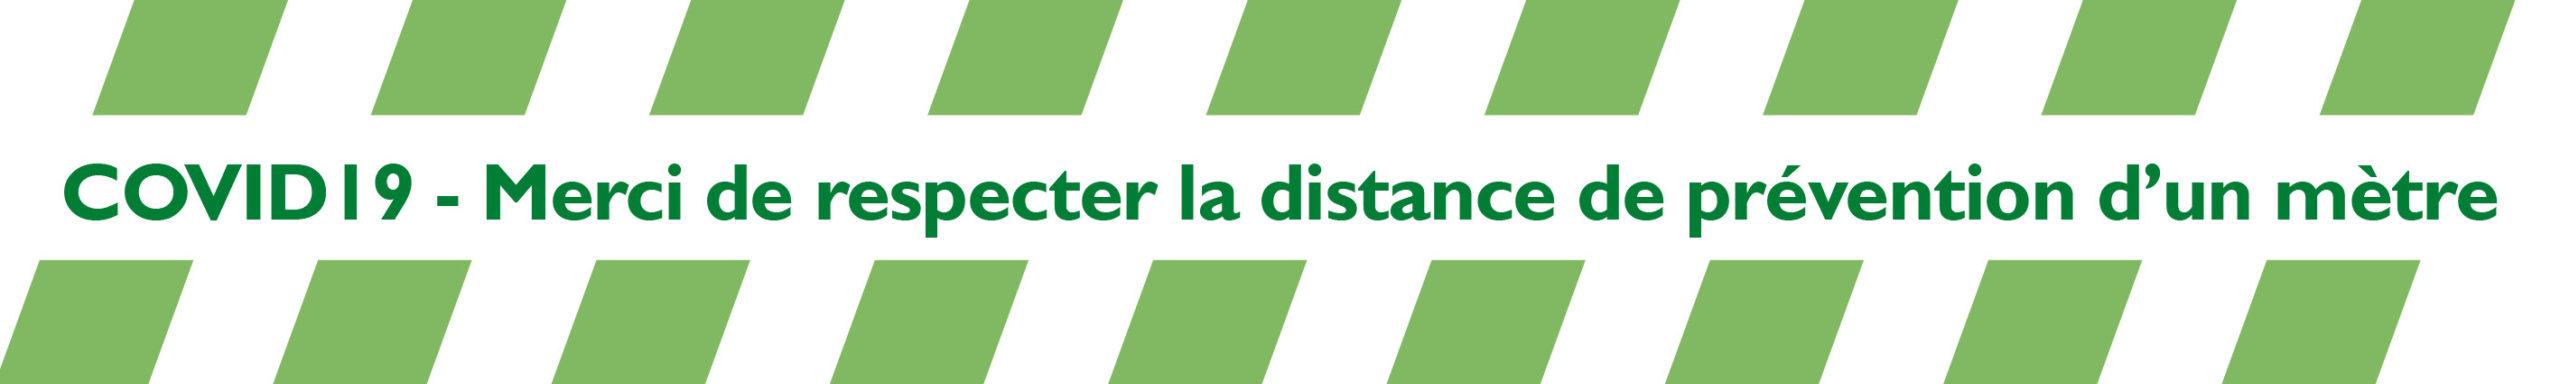 distances de sécurité